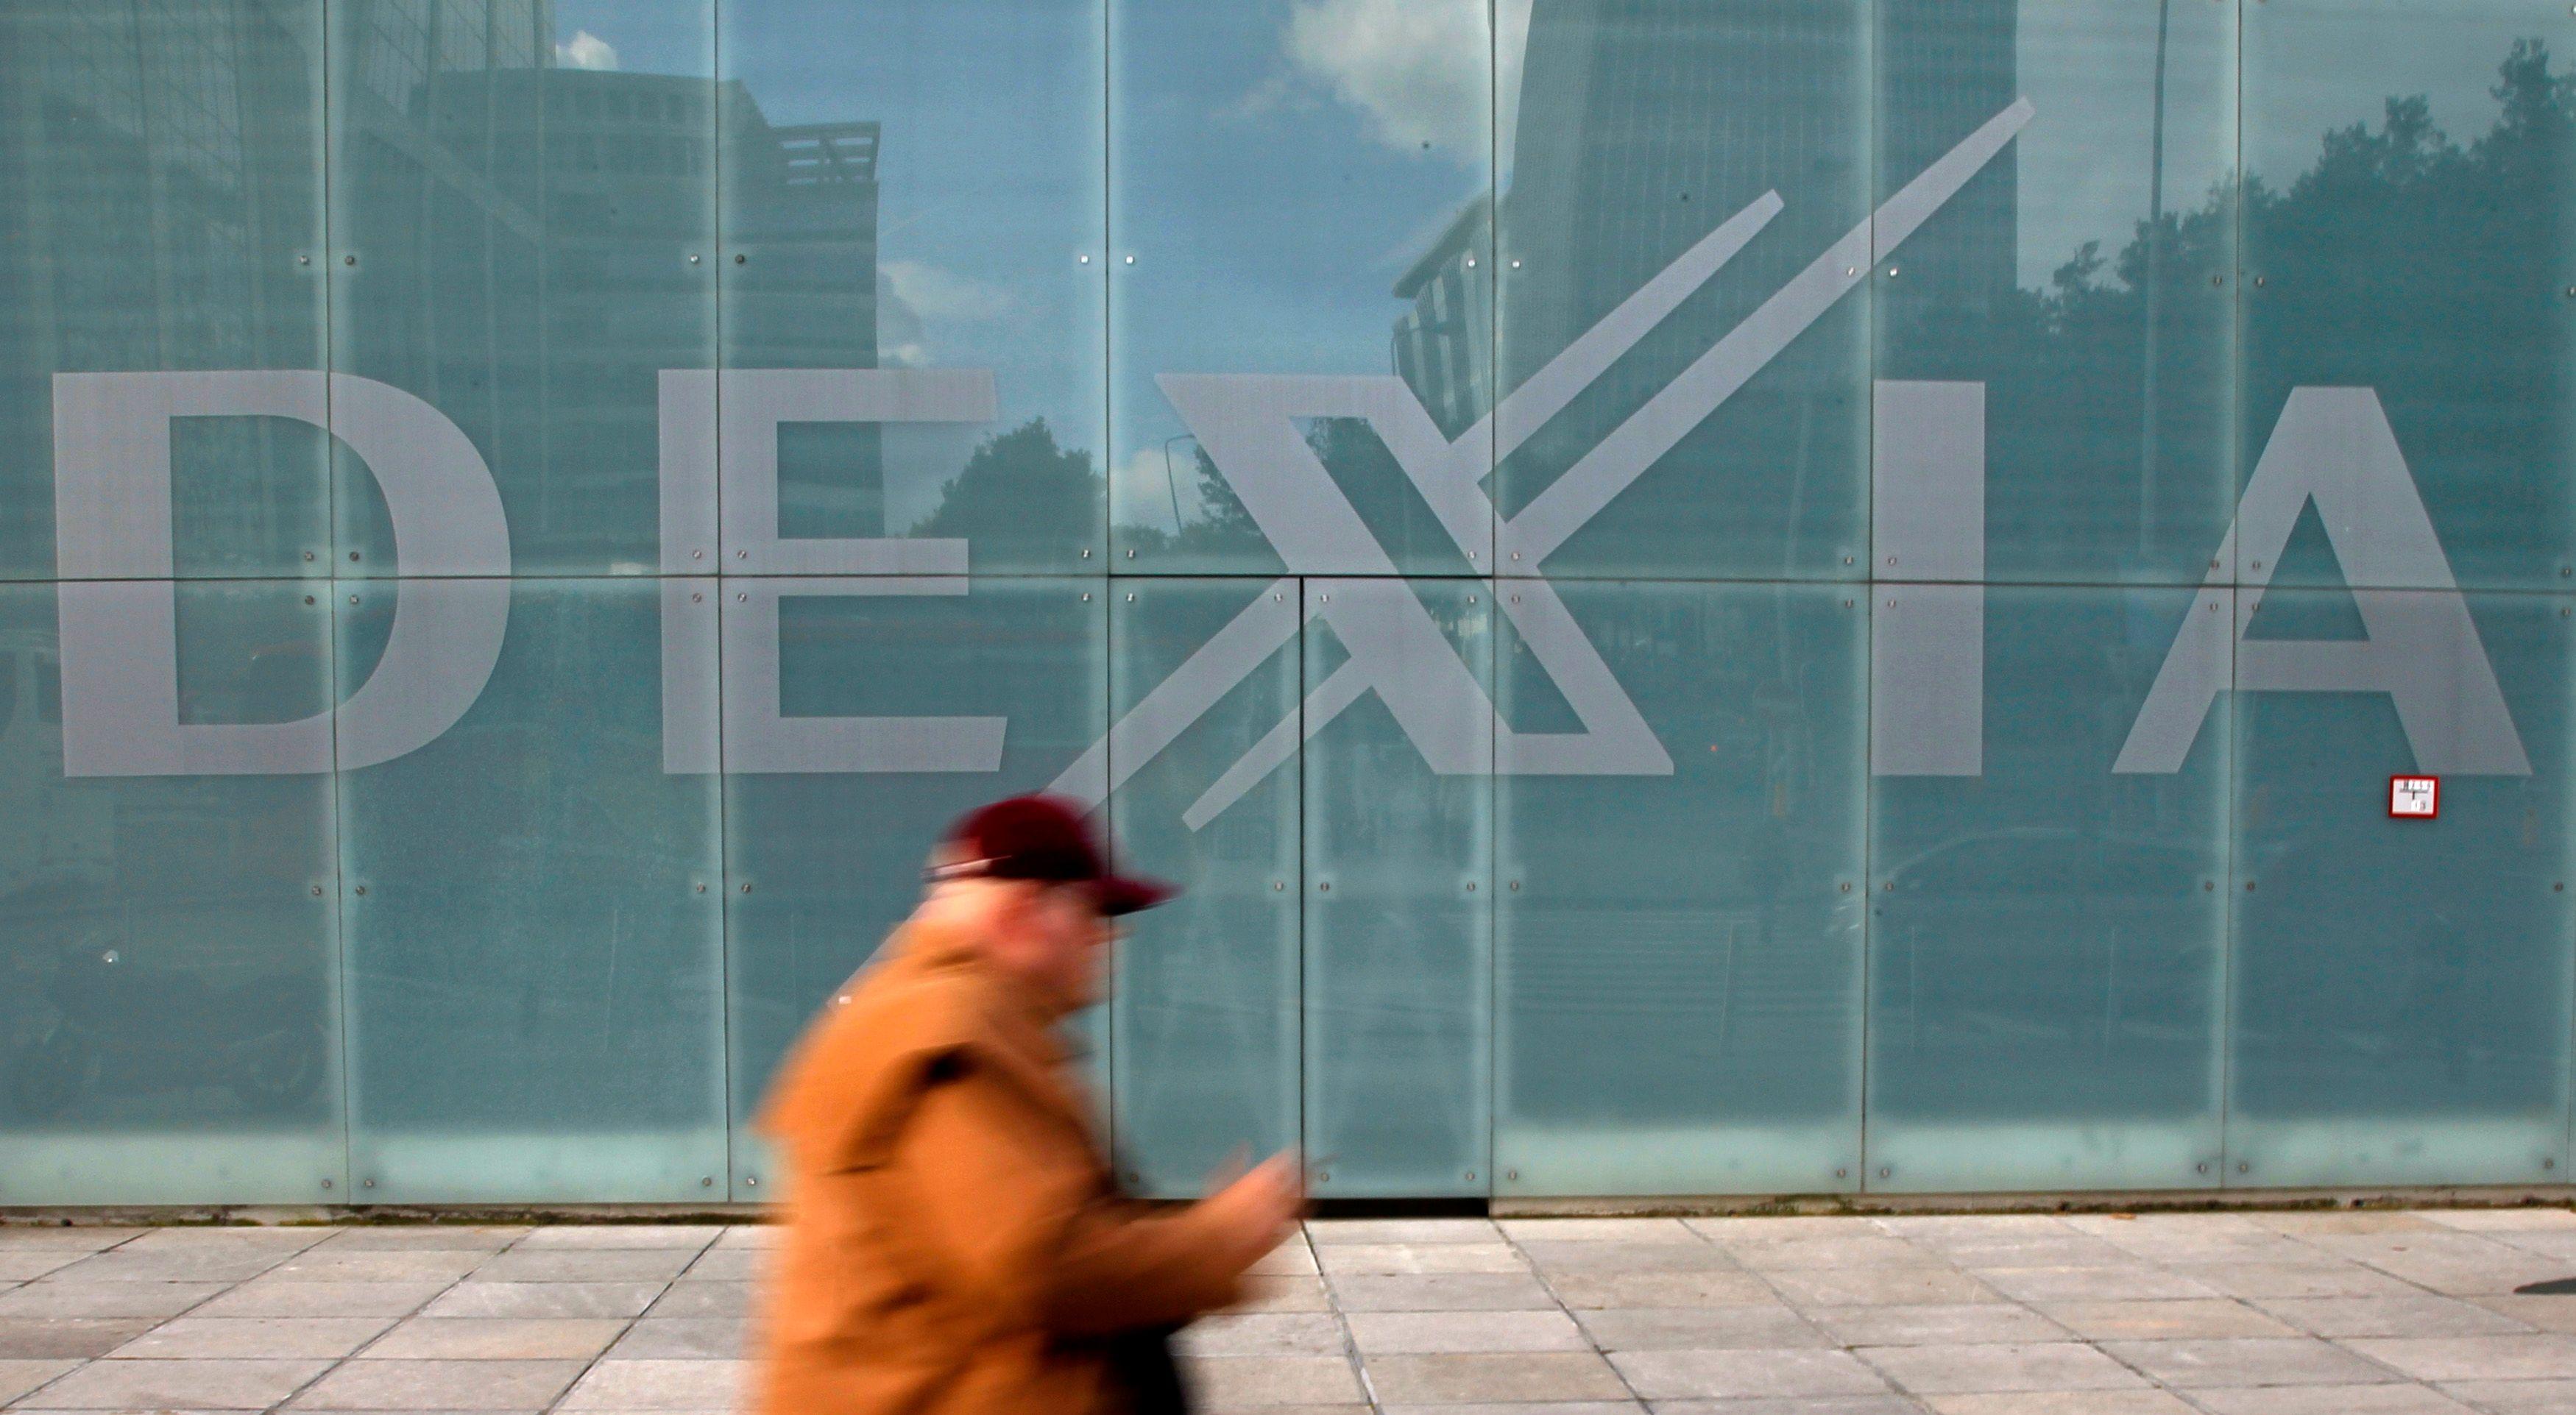 Les déboires de la banque Dexia ont déjà coûté 6,6 milliards d'euros à la France.